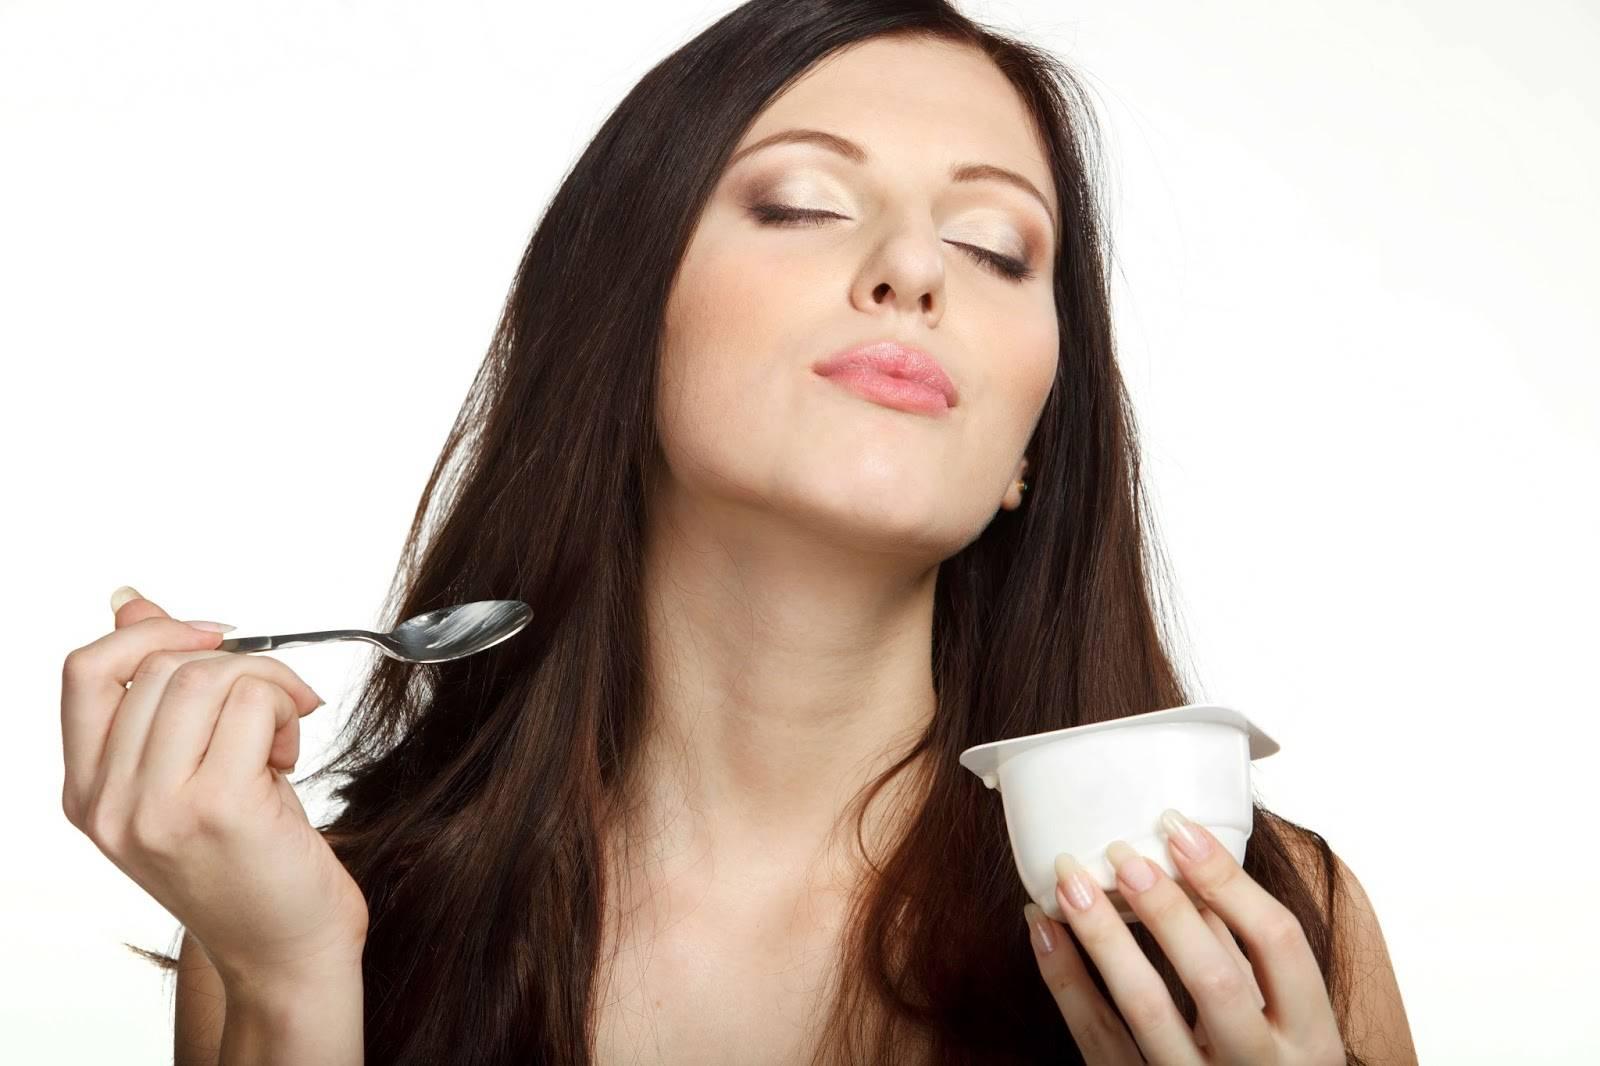 Секреты употребления черного кофе для похудения. и помогает ли кофе худеть на самом деле? :: инфониак